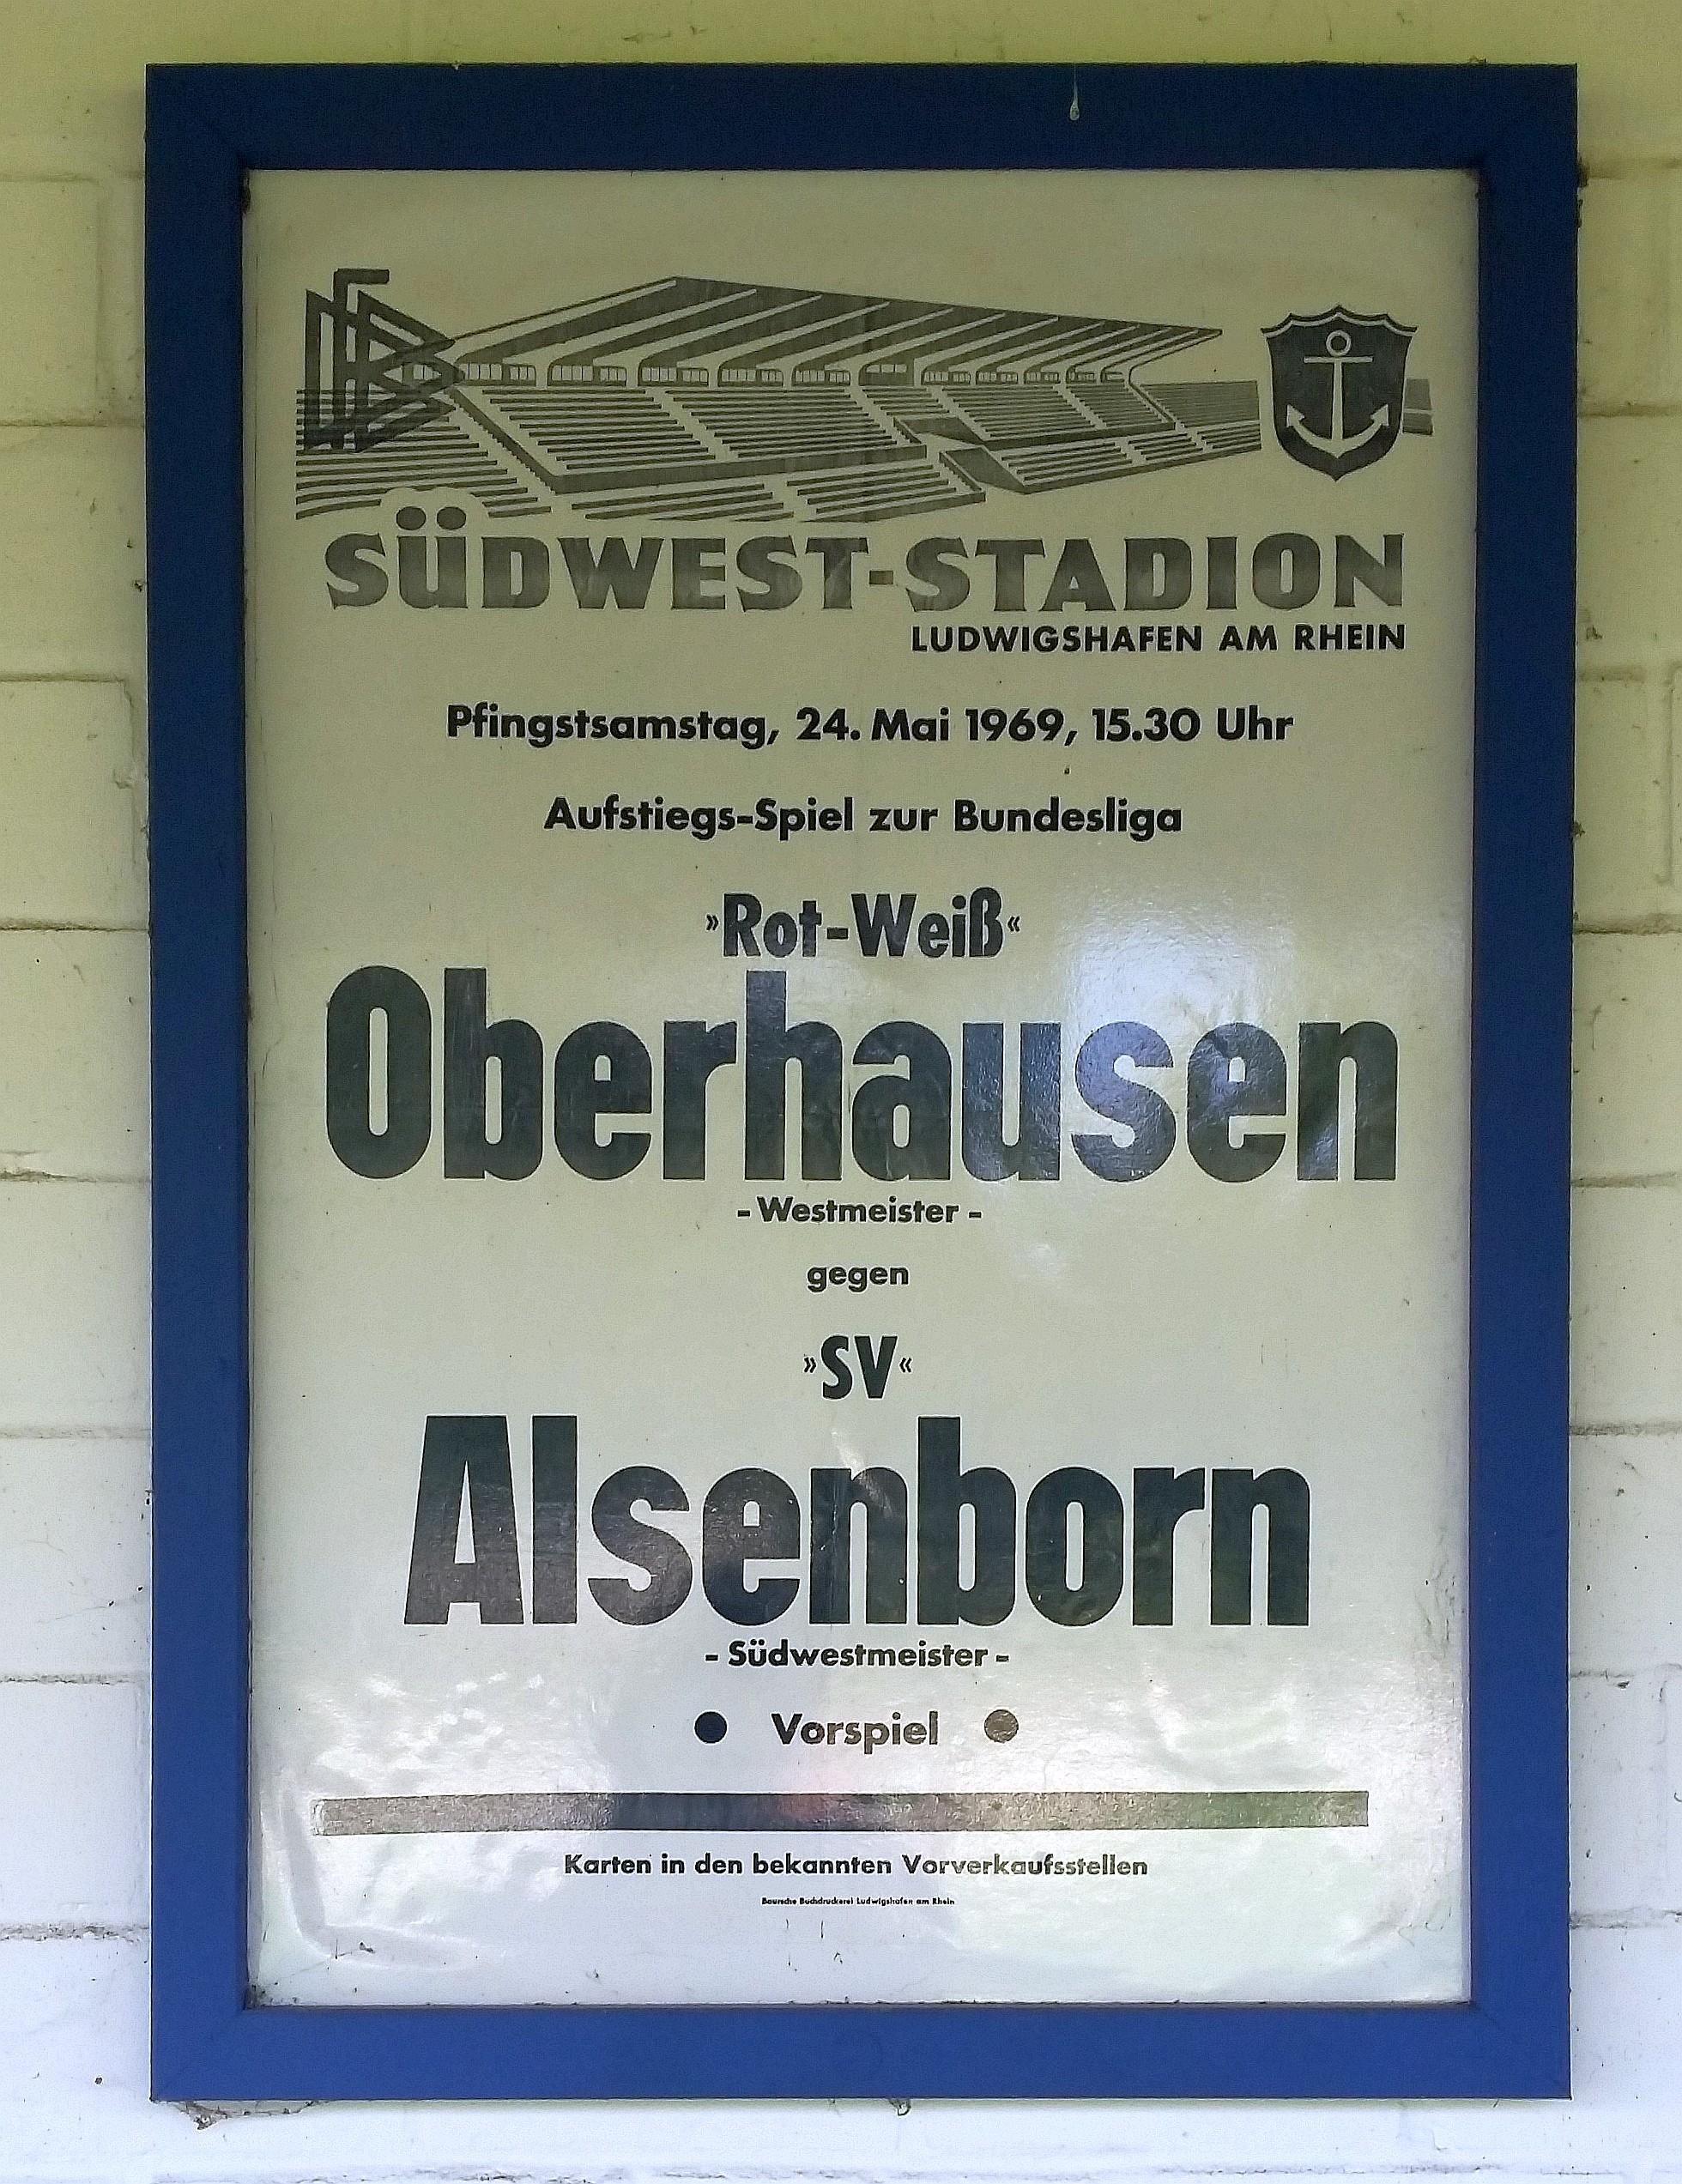 Alte Plakate erinnerten an die goldenen Zeiten des Vereins